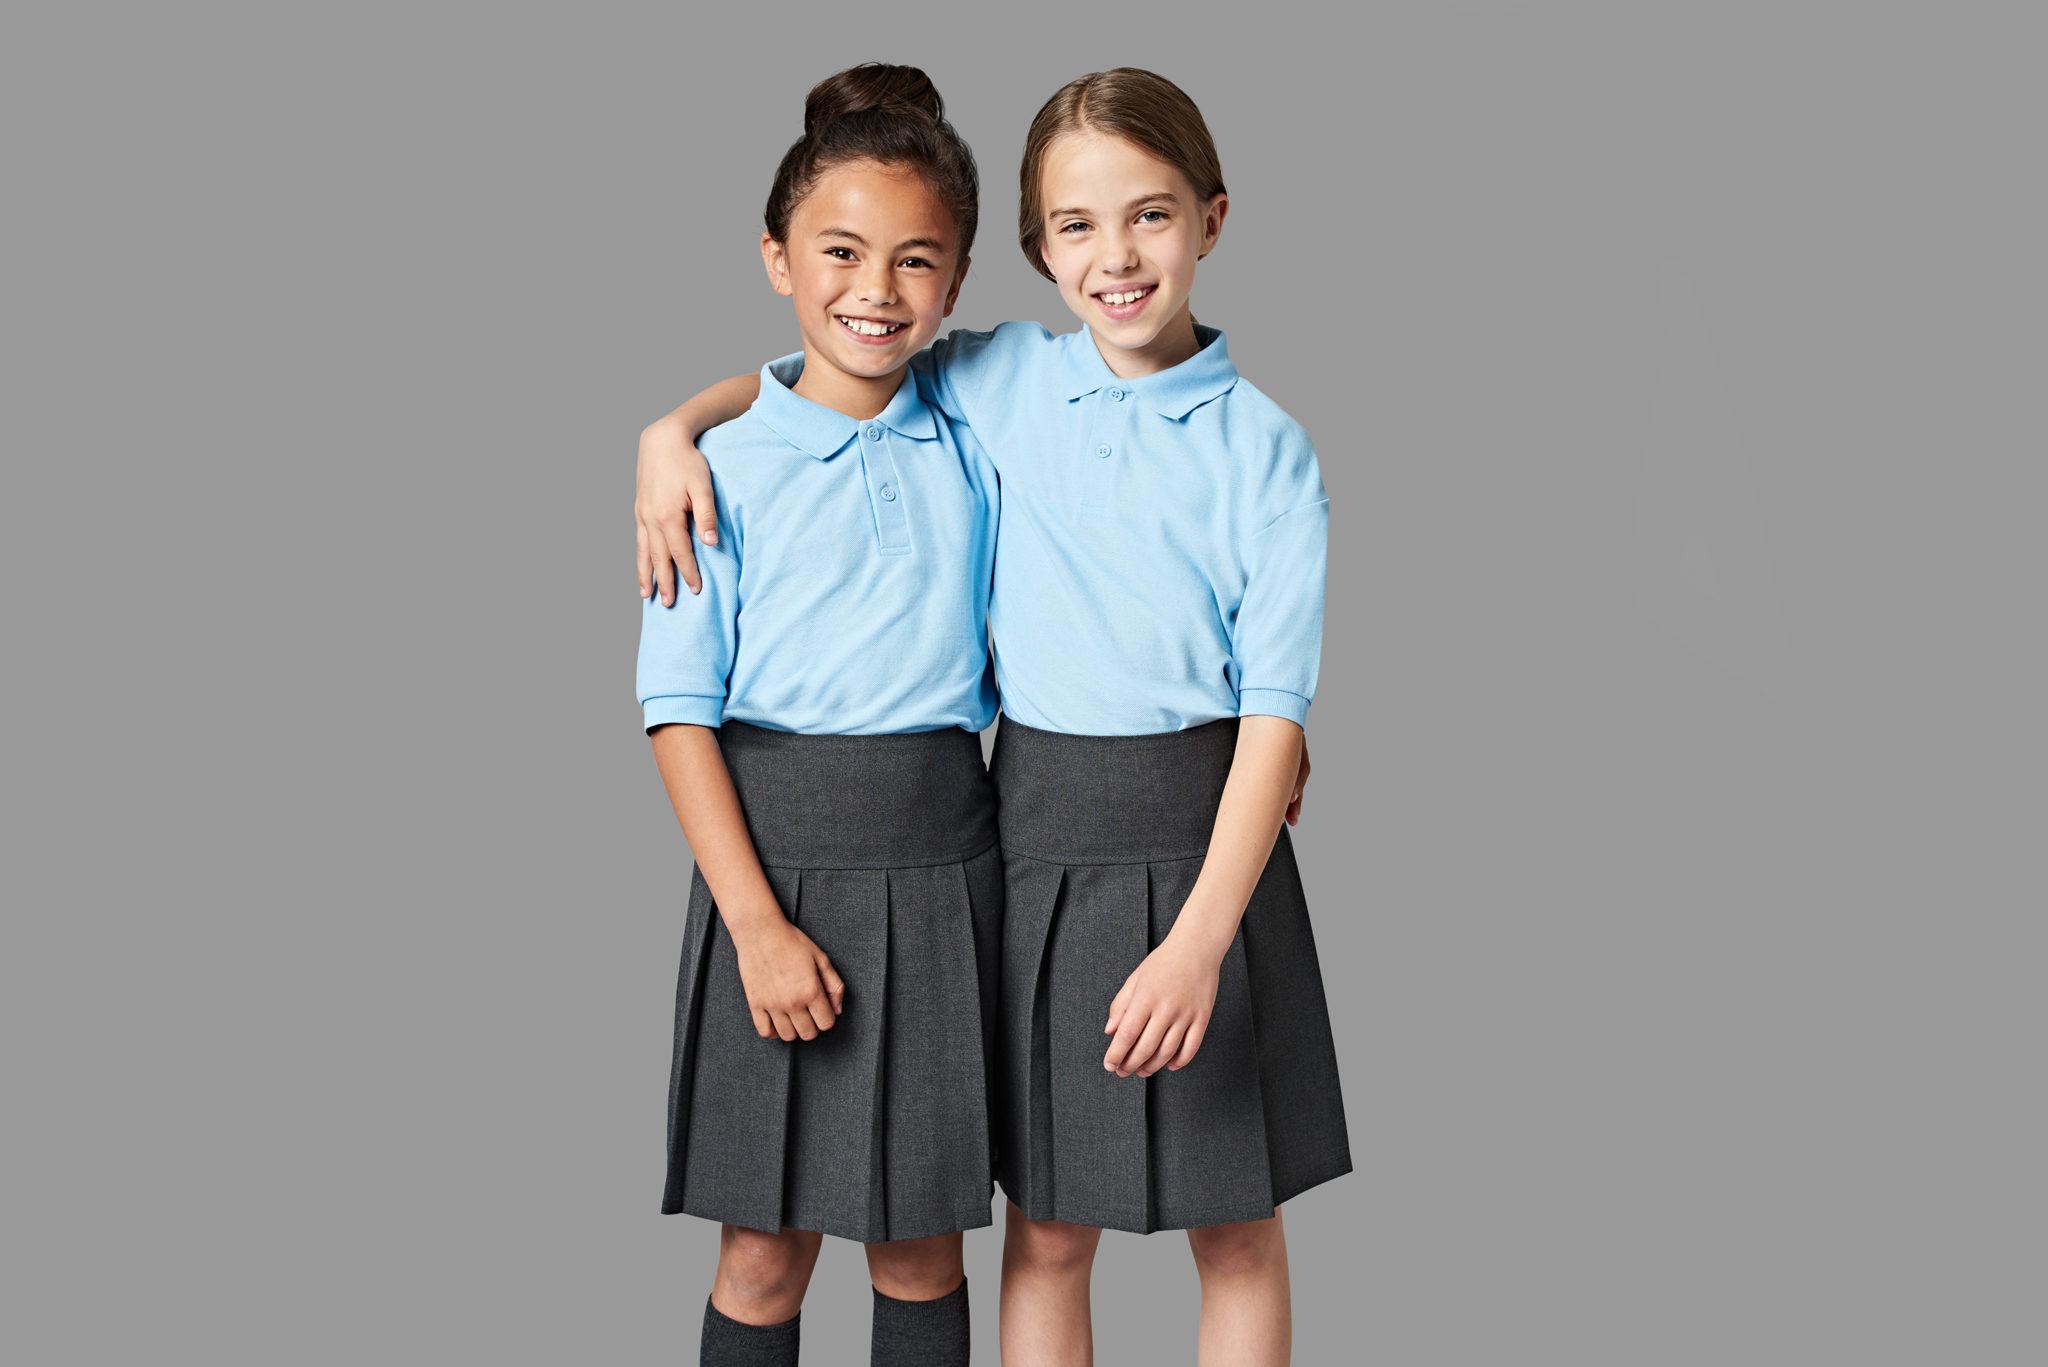 de8fbbfdc13e7a Schulkleidung in aller Welt - UNICUM Schulkleidung